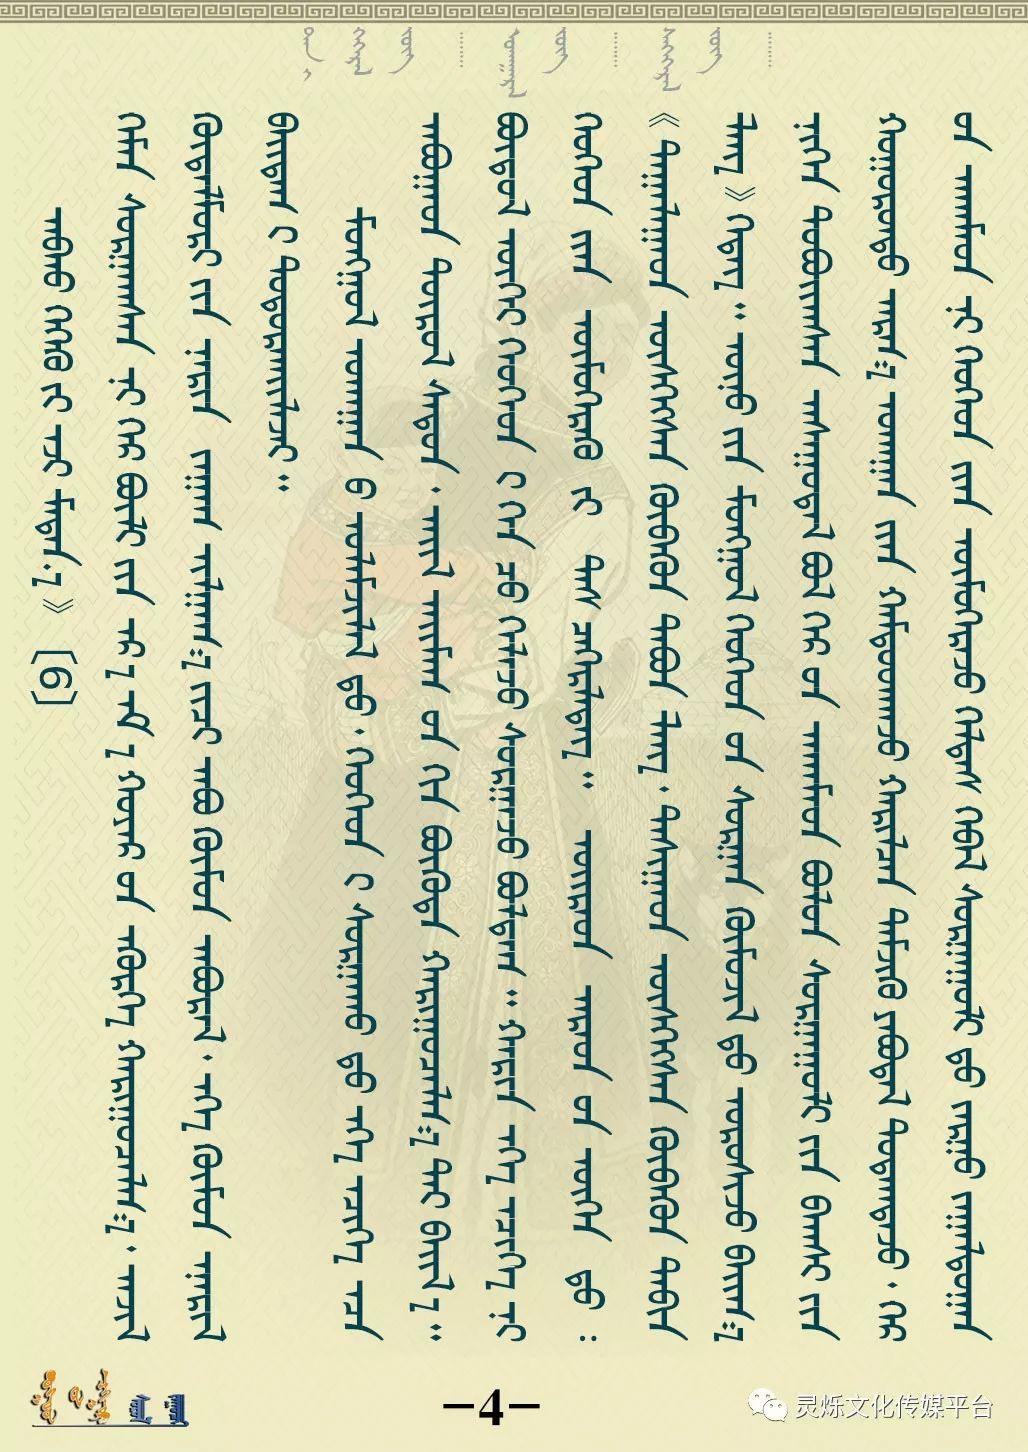 【蒙古民俗】 ᠮᠣᠩᠭᠣᠯ ᠤᠬᠠᠭᠠᠨ ᠬᠢᠭᠡᠳ ᠭᠡᠷᠤᠨ ᠰᠤᠷᠭᠠᠯ ᠬᠥᠮᠥᠵᠢᠯ 2 第4张